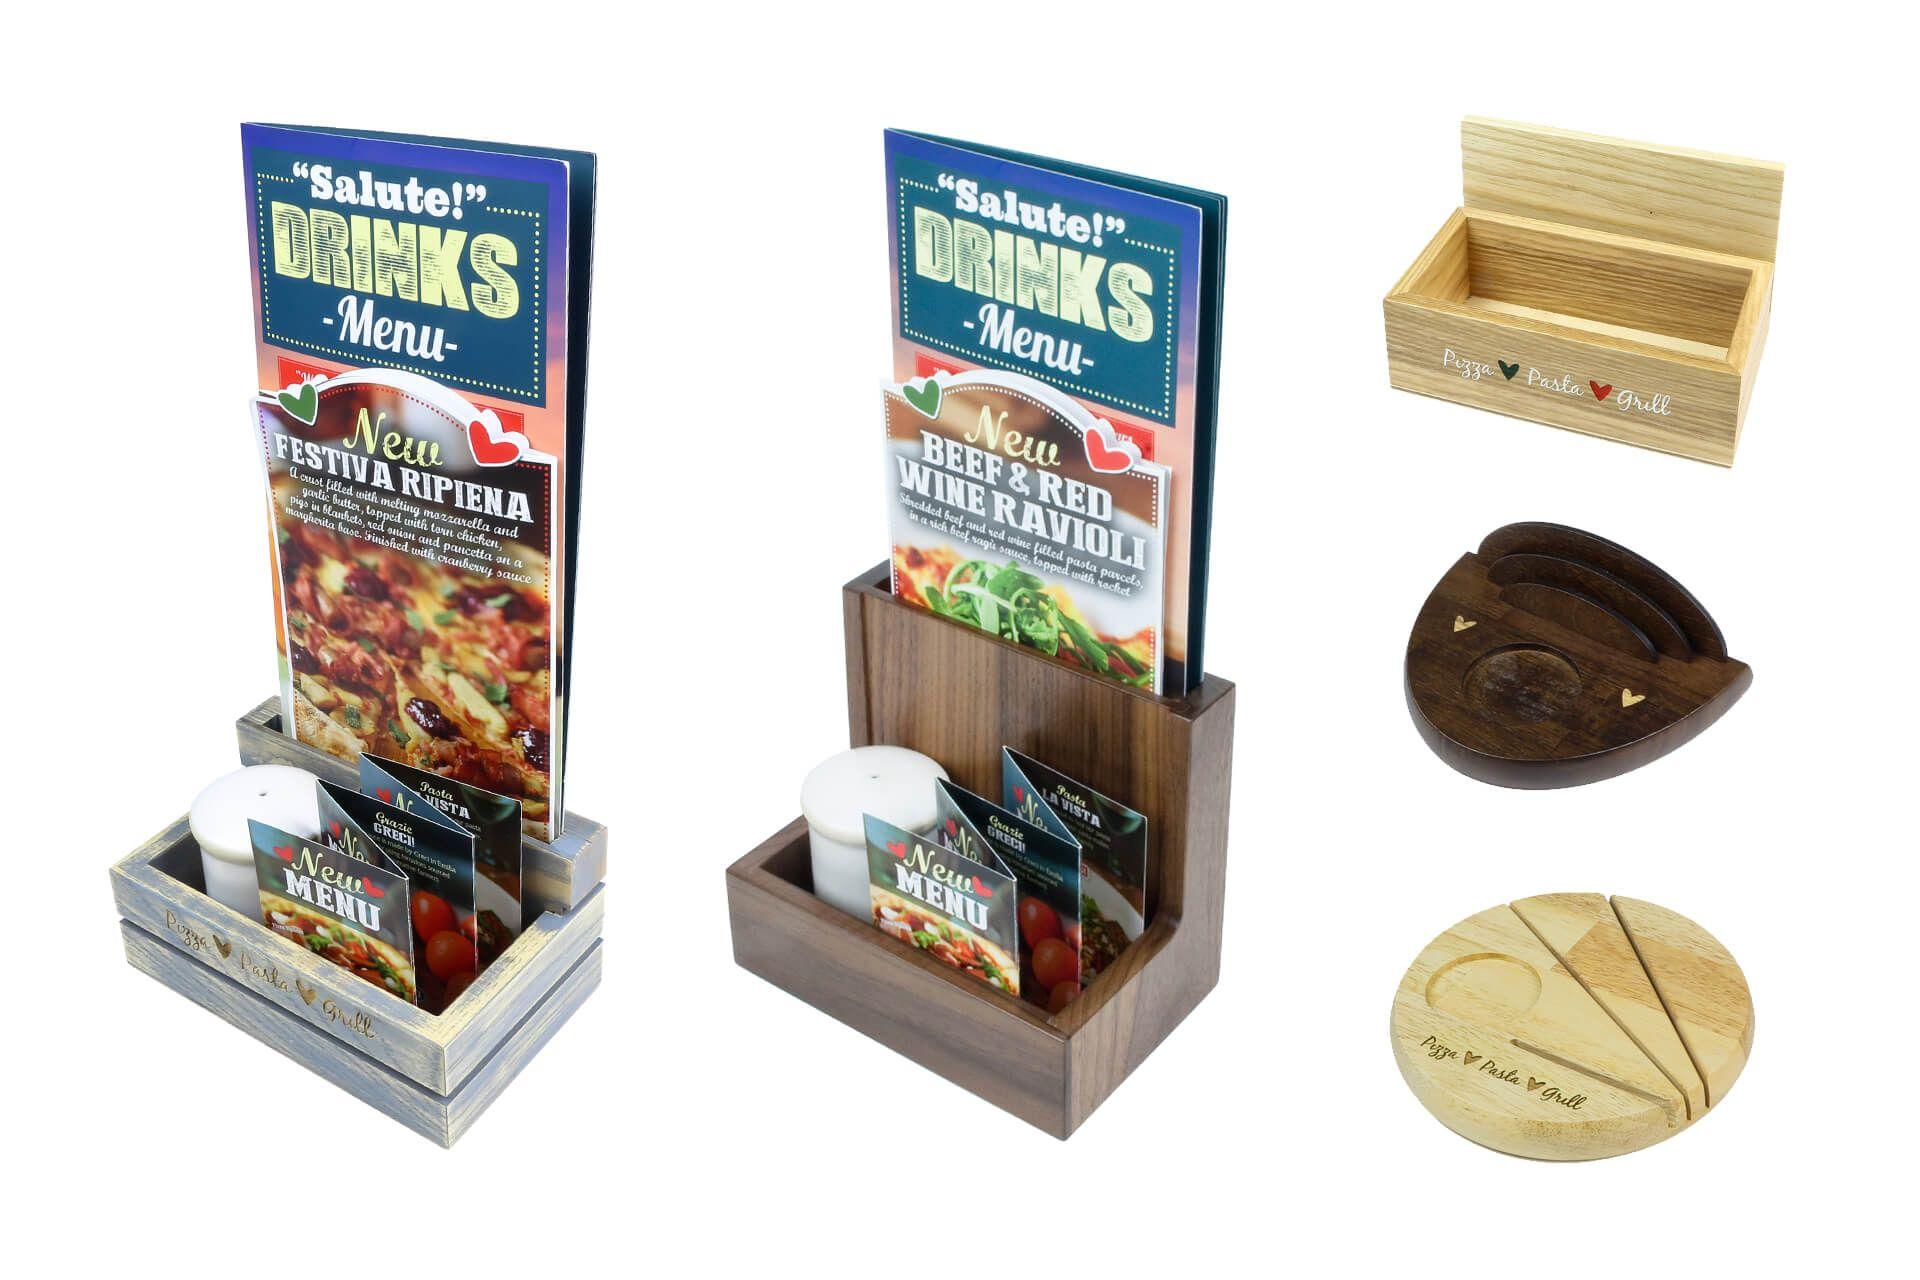 Custom Table Menu Holders Wooden Table Top Stand Restaurant Decor - Table menu holders for restaurants